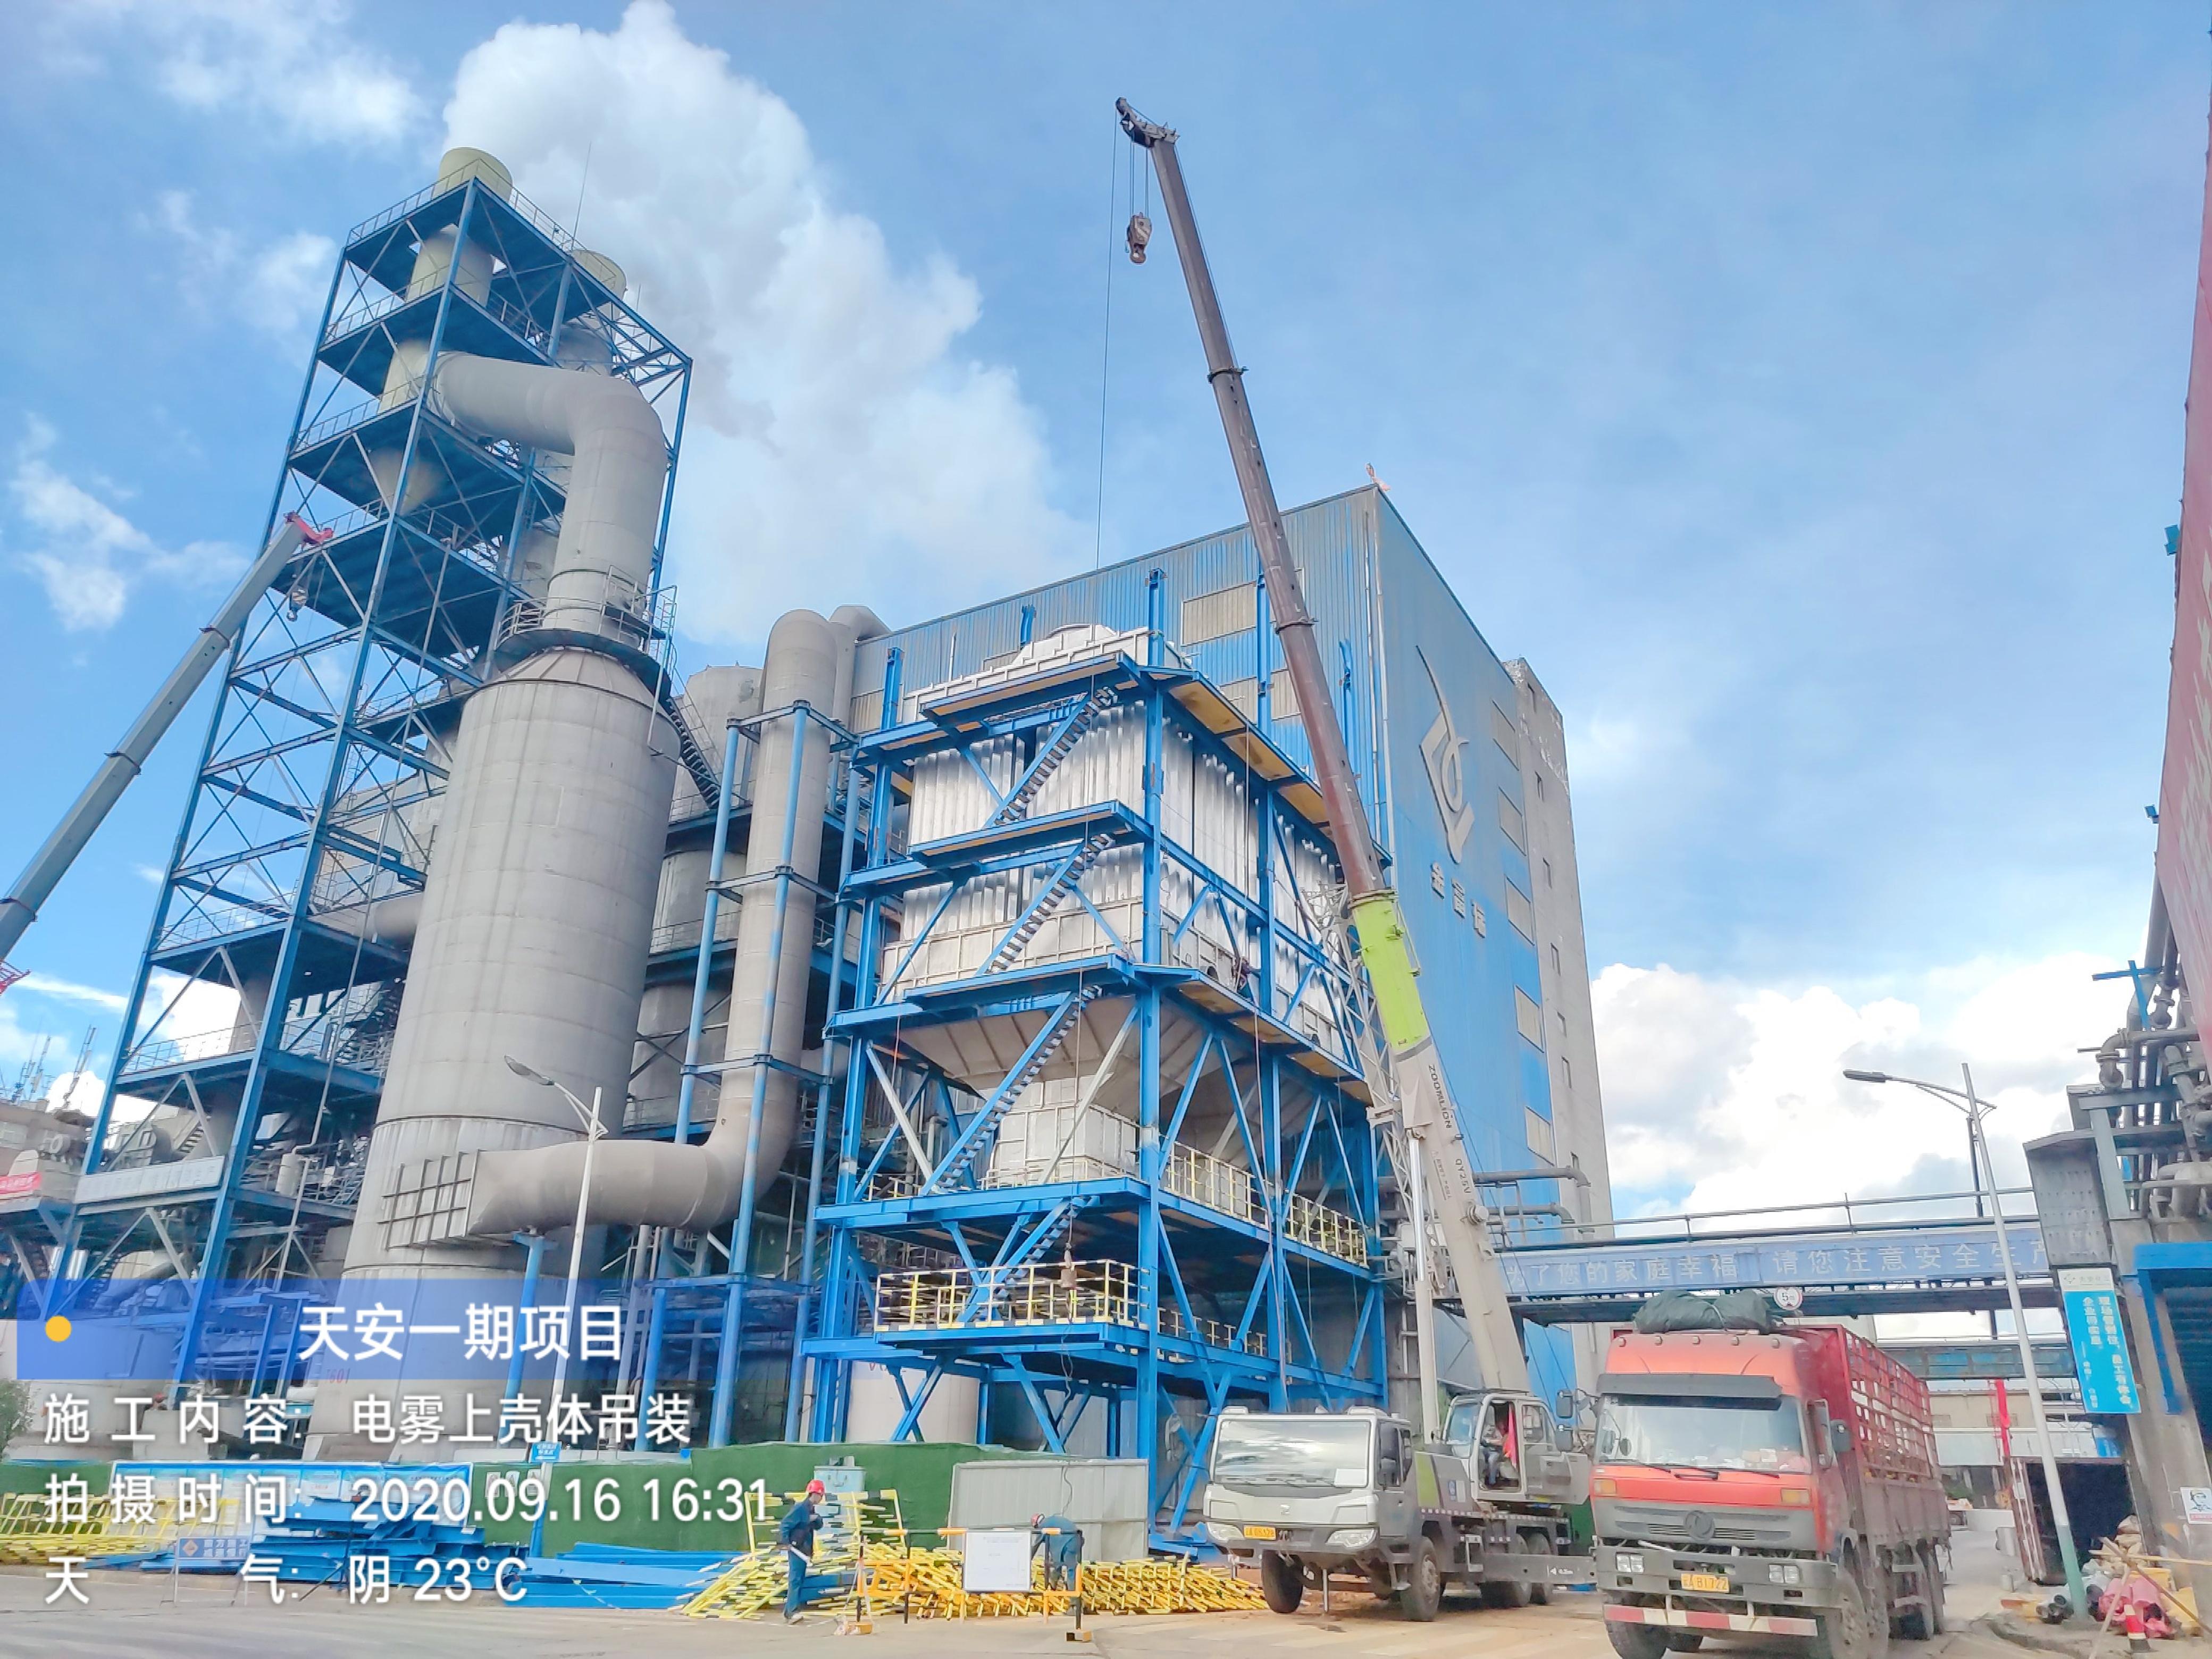 貴州東華總承包的云南天安一期項目終極尾氣洗滌器順利吊裝